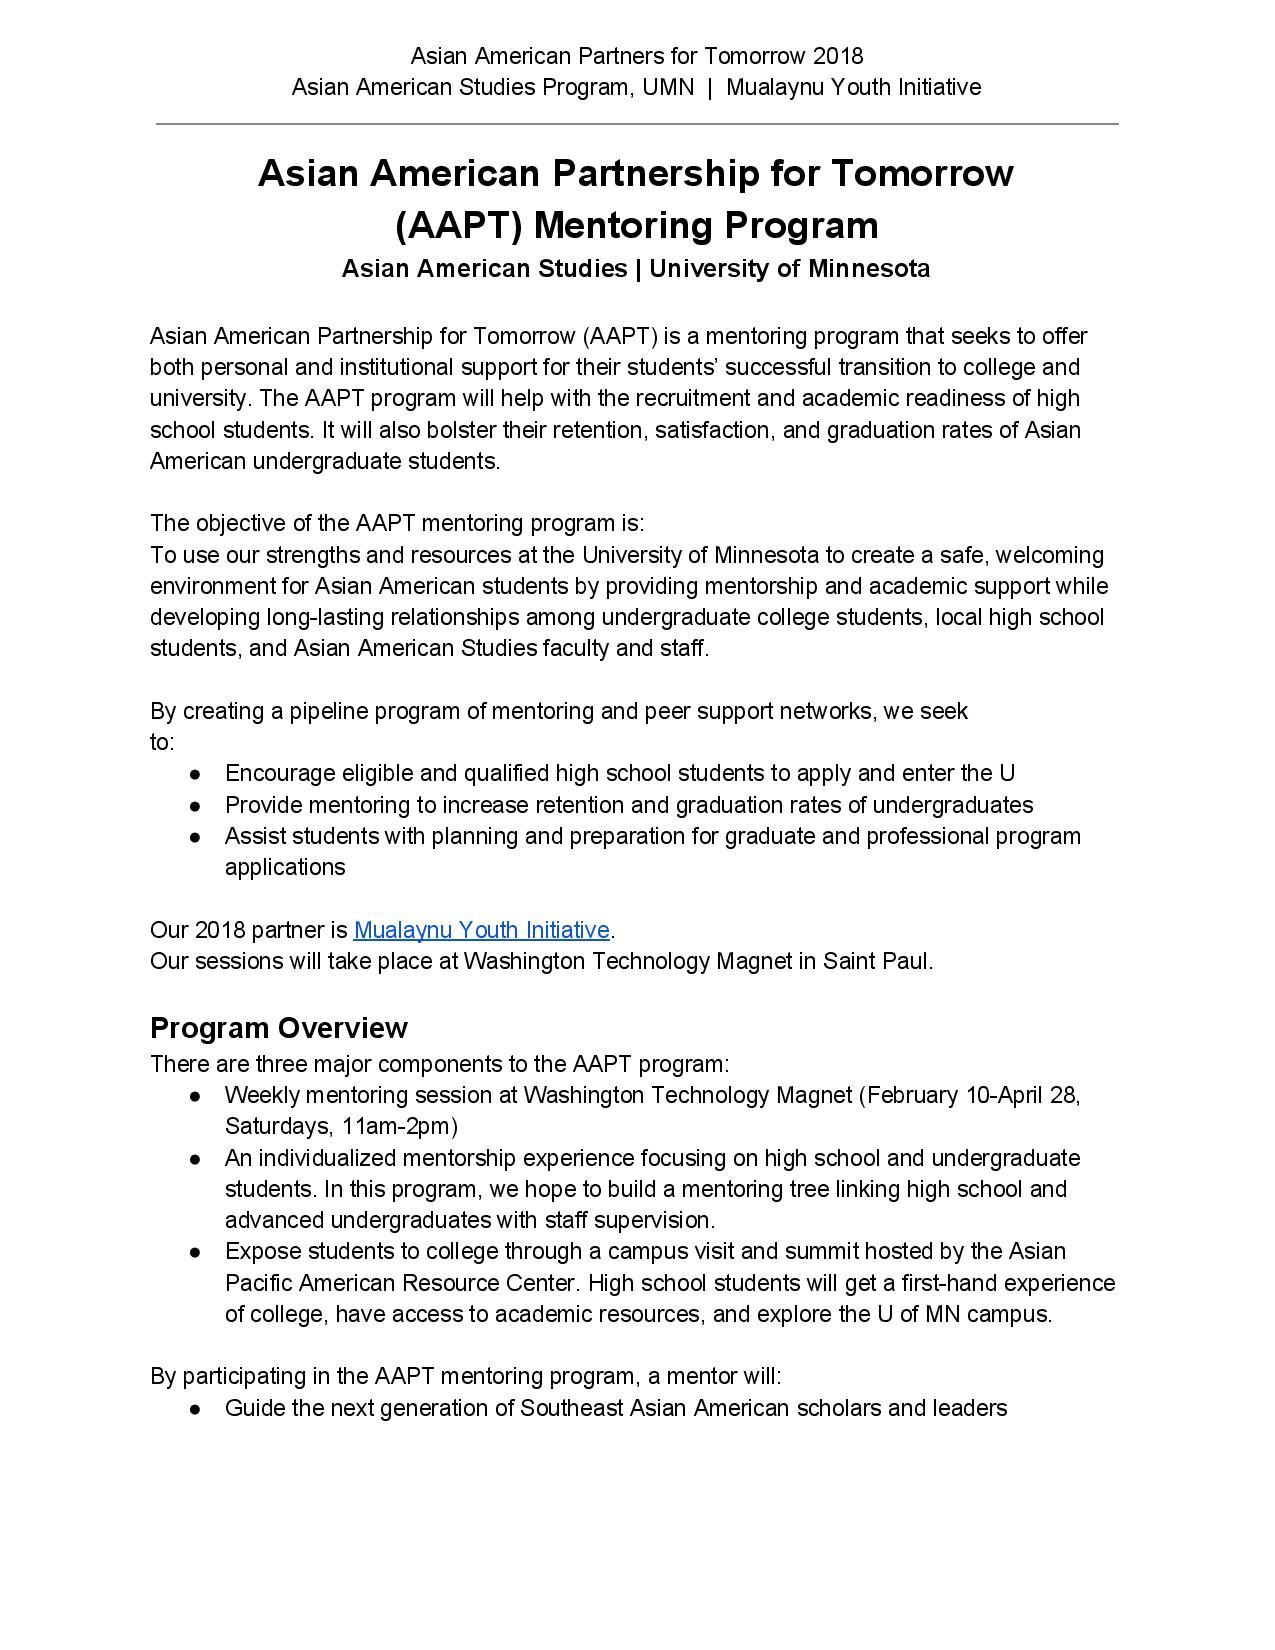 AAPT CallForMentors-page-002.jpg